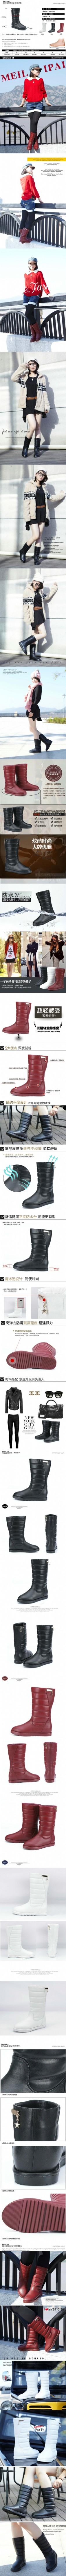 淘宝电商服装女士鞋业详情页设计素材